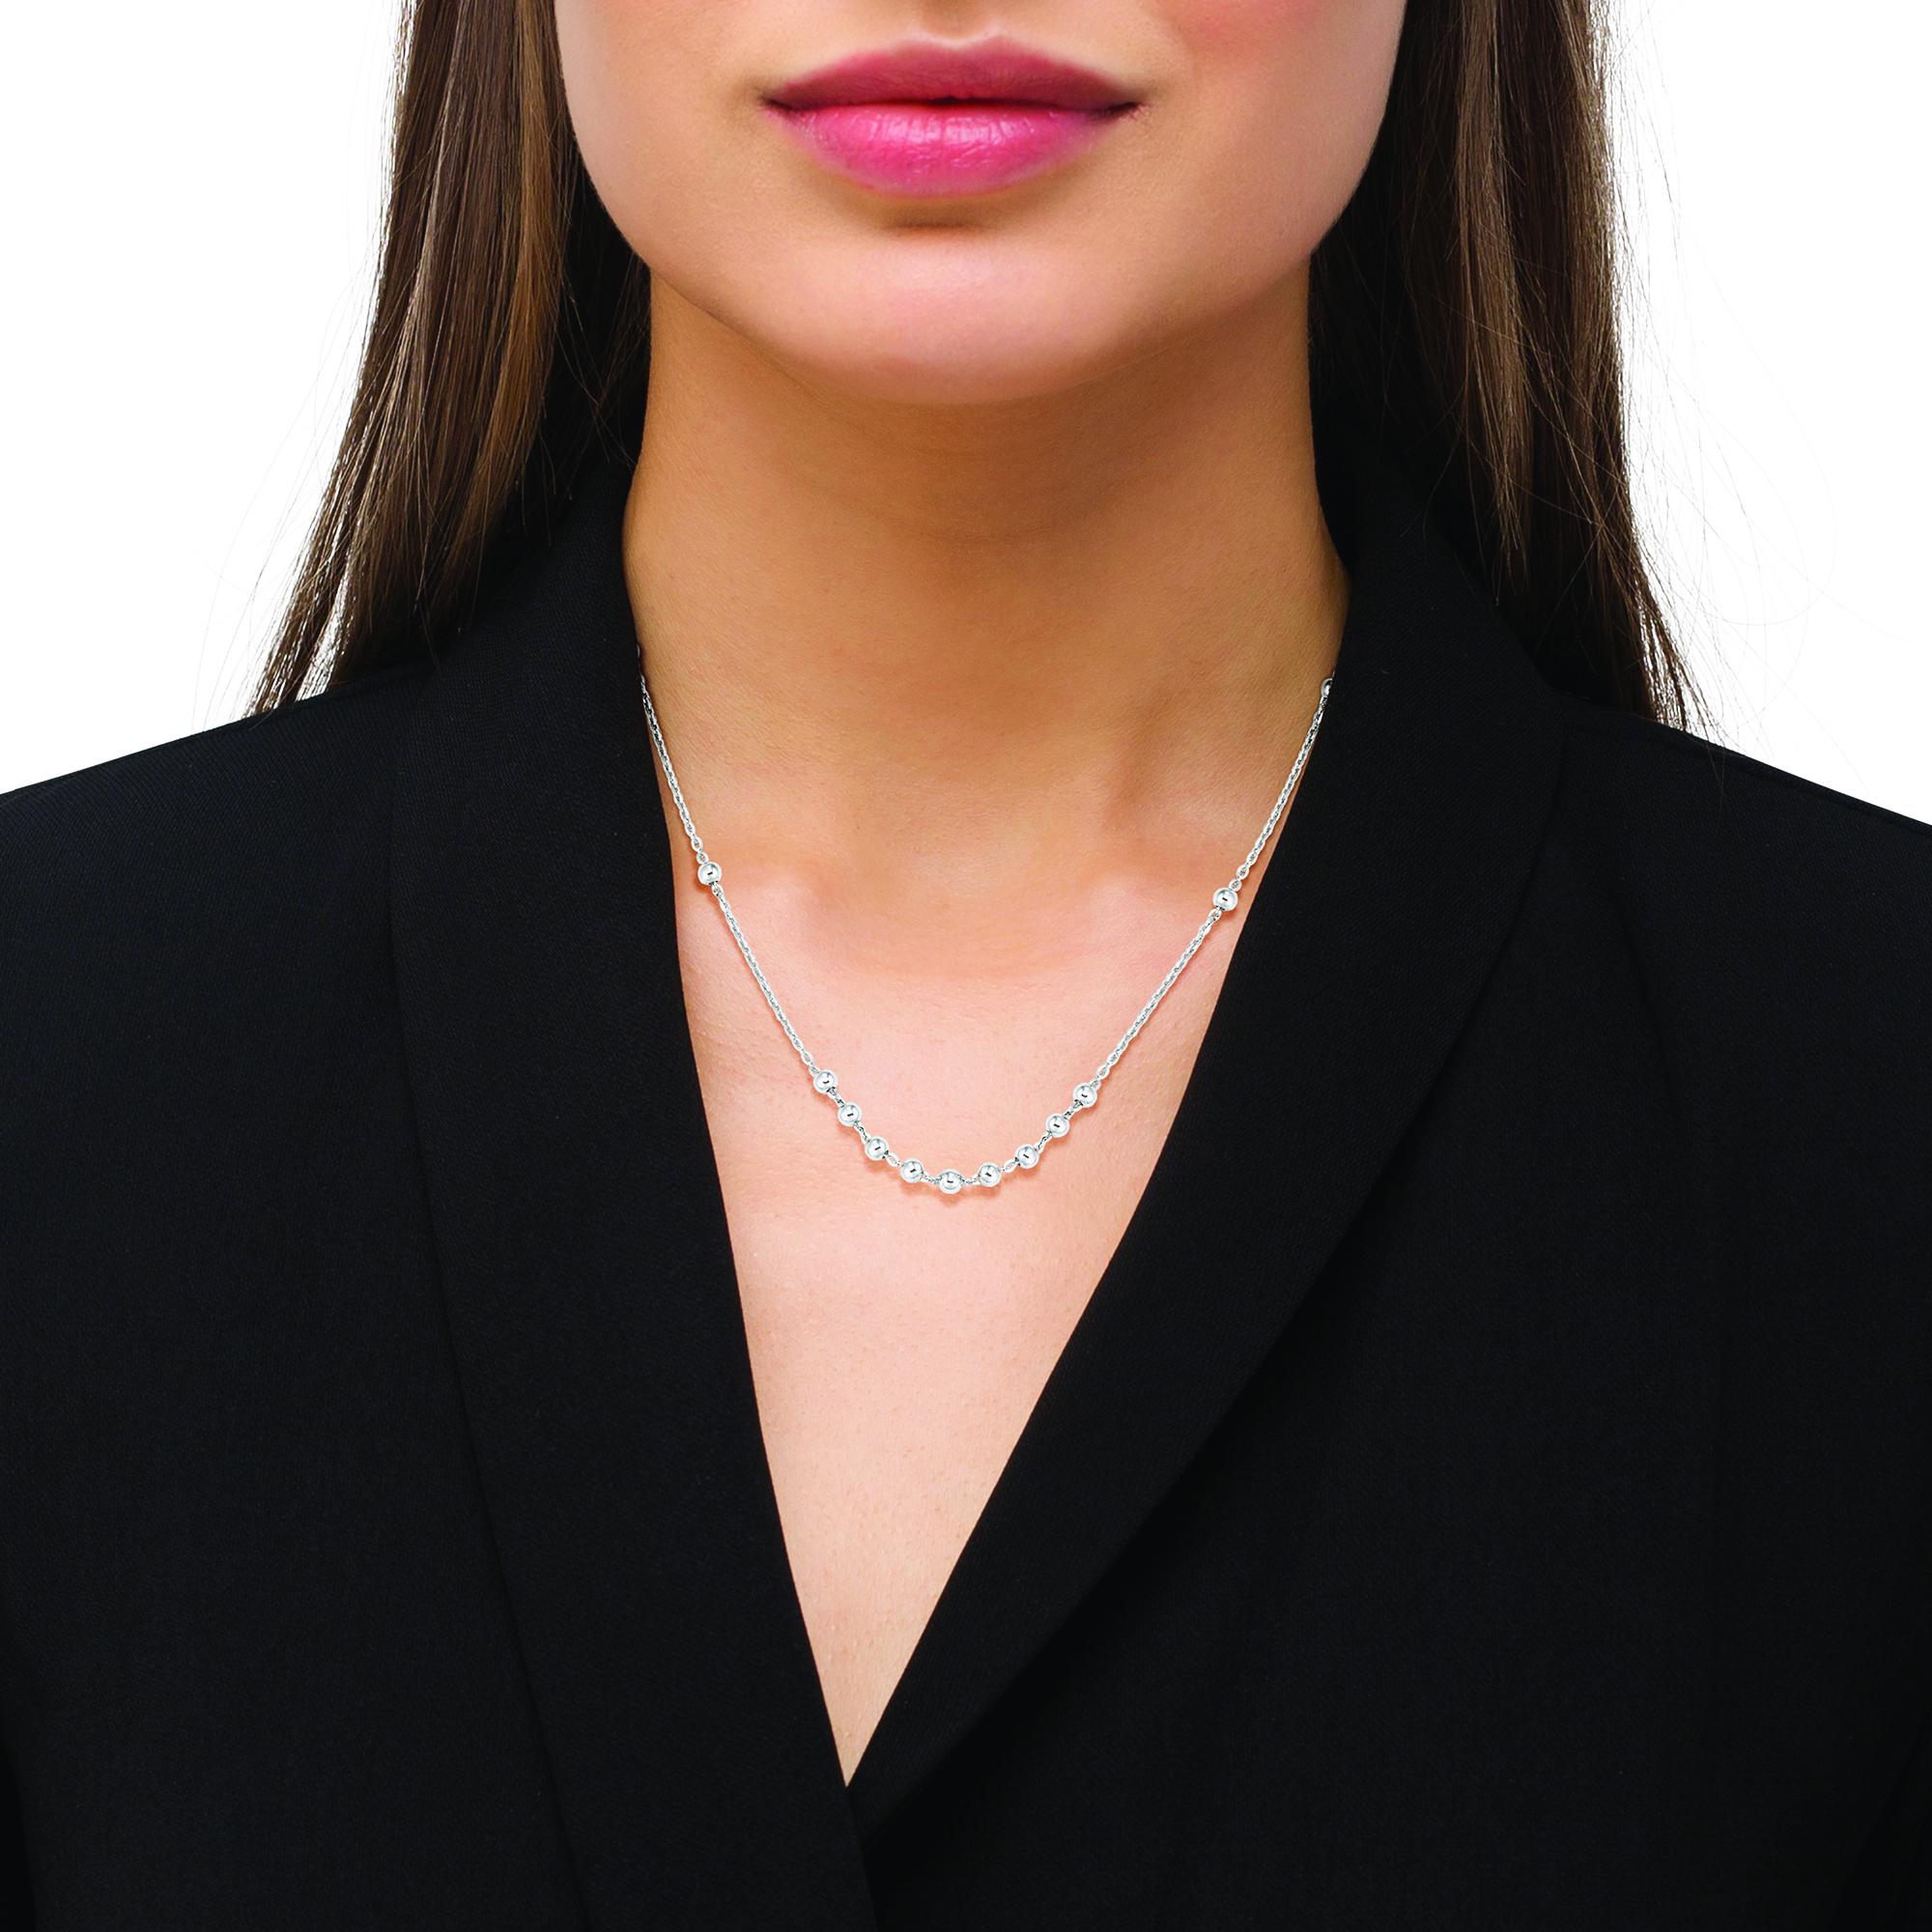 Halskette für Damen mit Kügelchen-Anhängern, glänzendes Silber 925